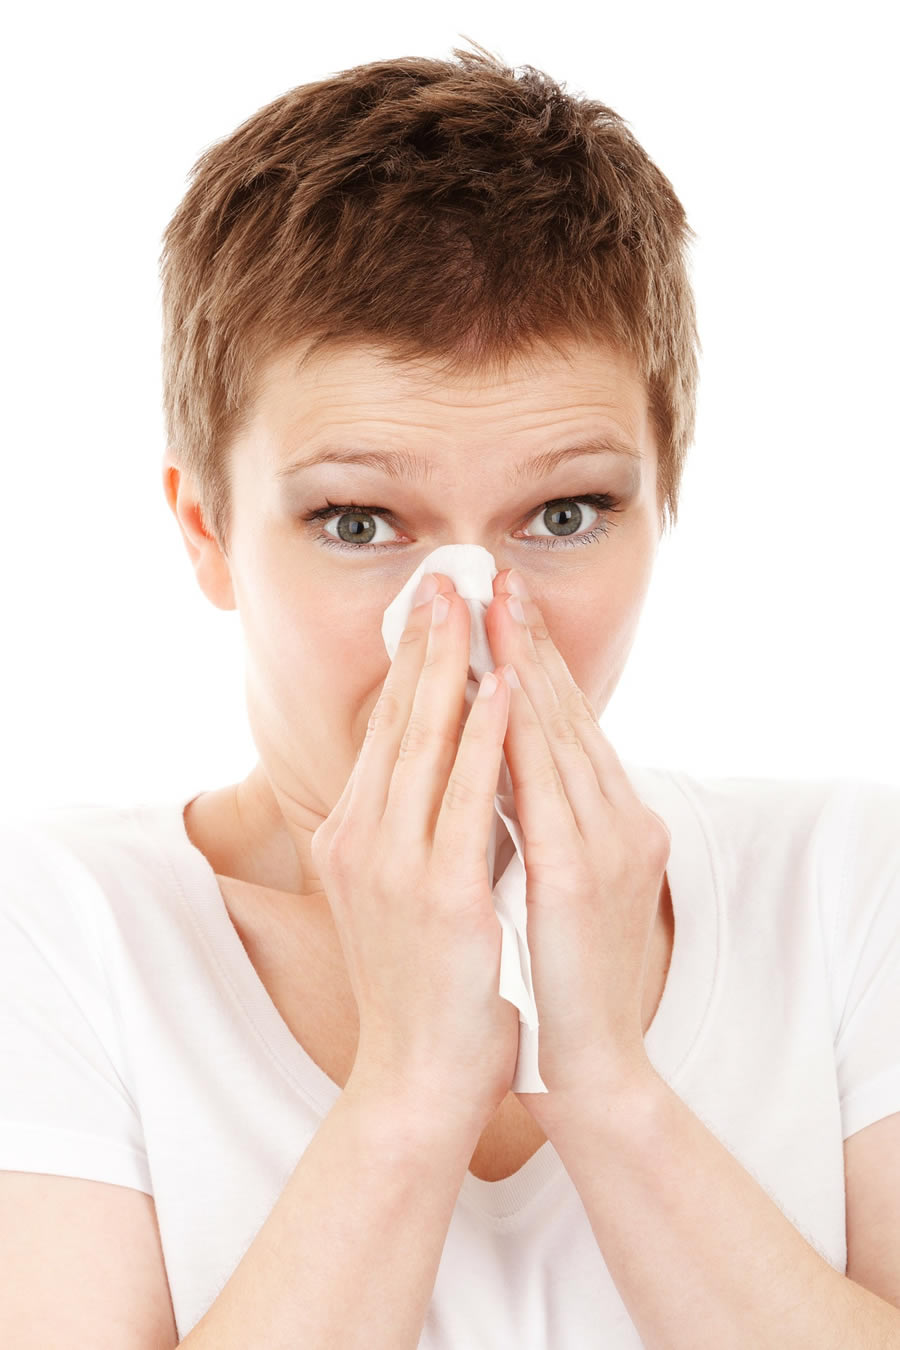 Déclarez la guerre aux allergies dans votre famille !